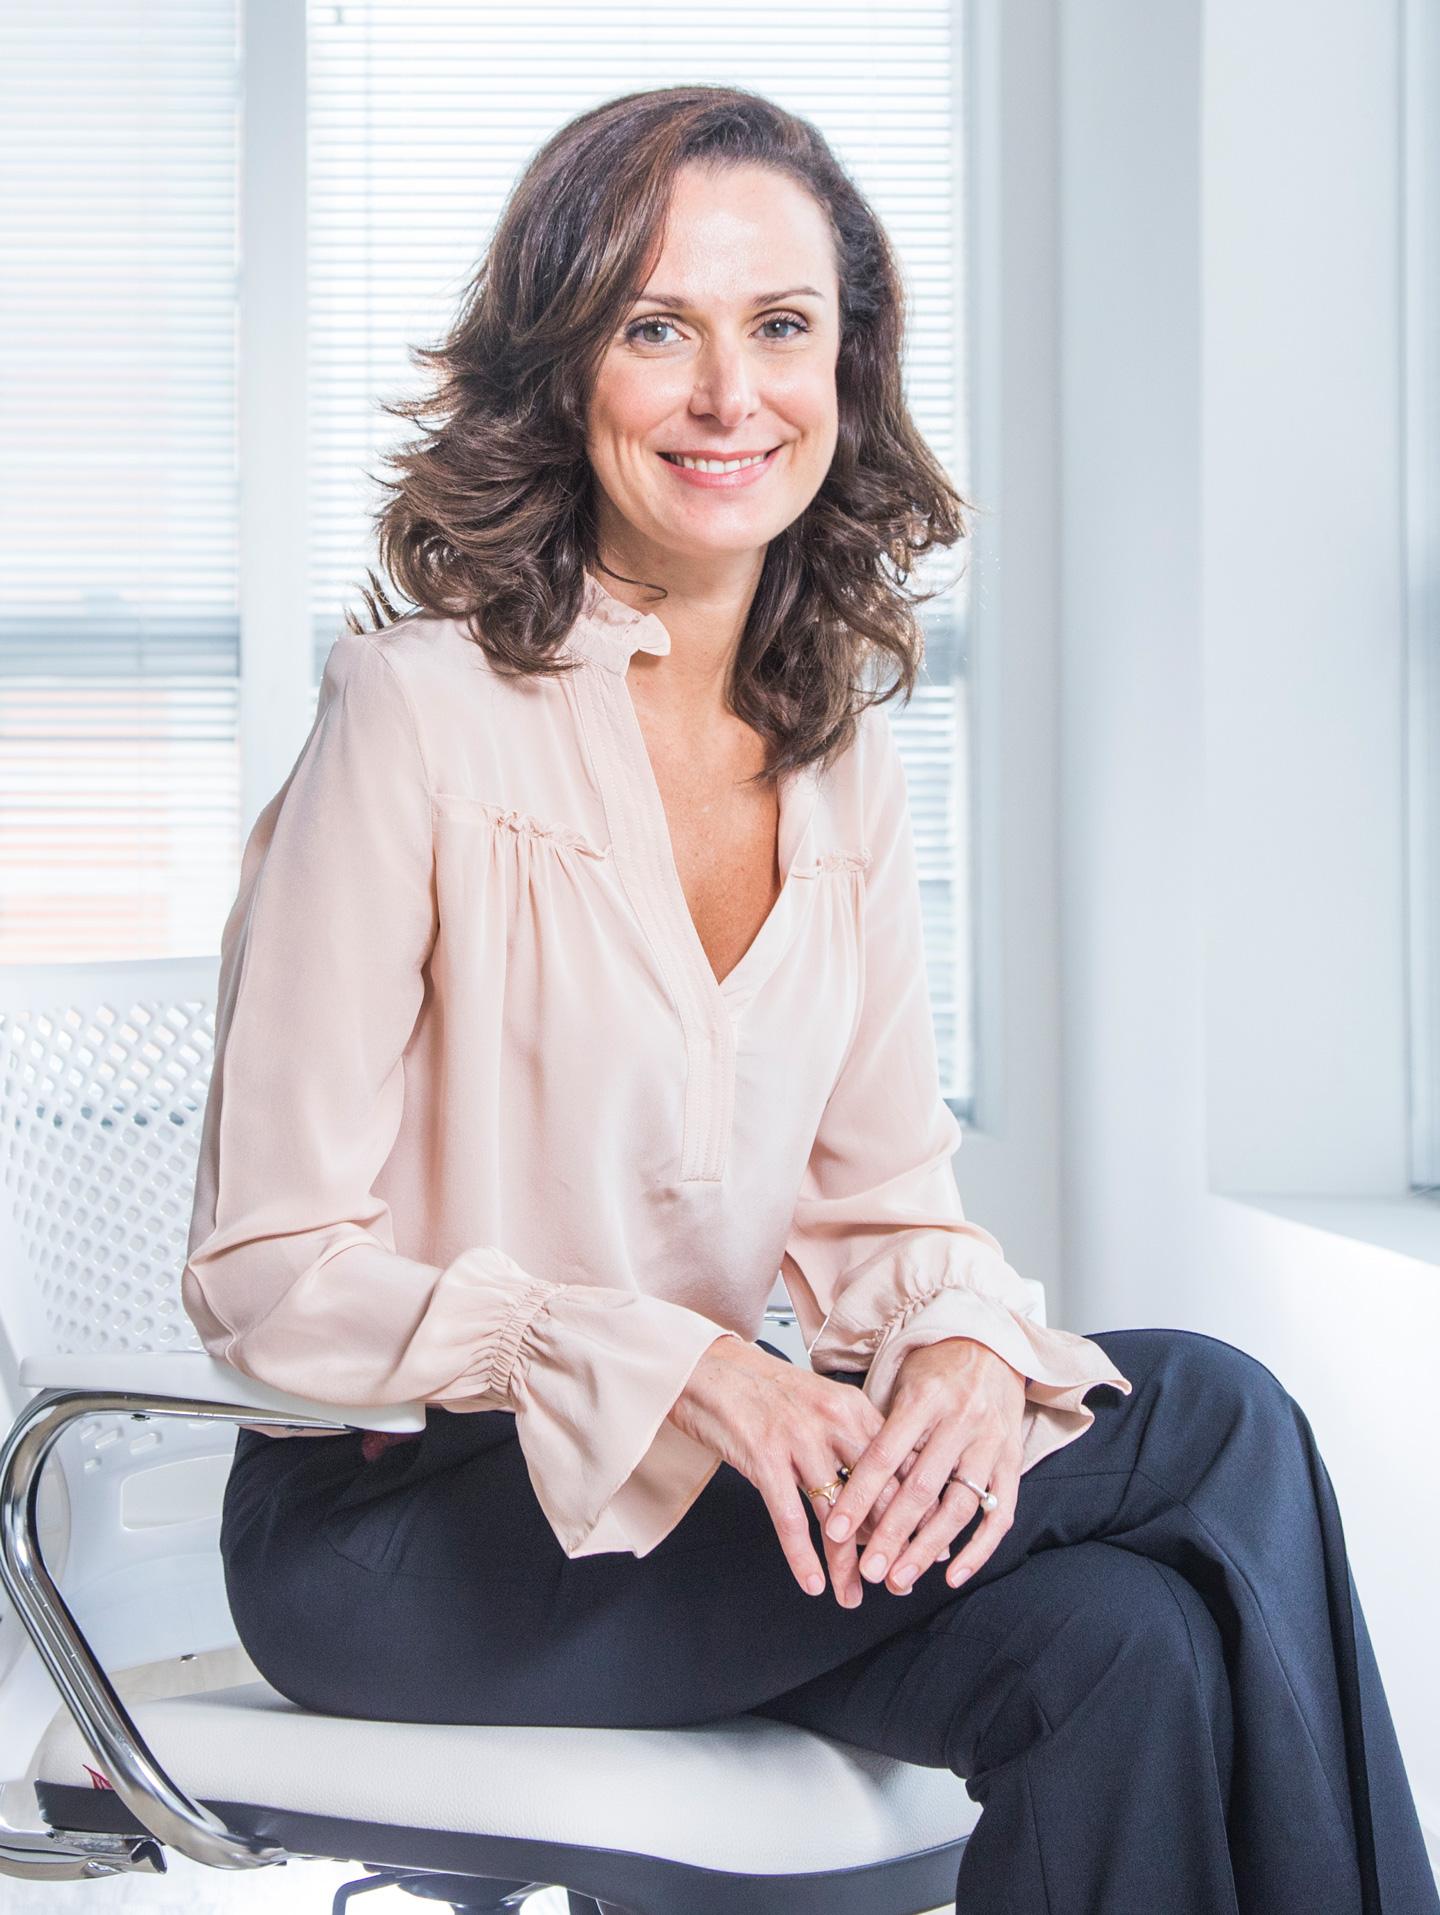 Foto 3 (QUEM SOMOS) - Marília Paiotti Diretora de atendimento da NOVA PR